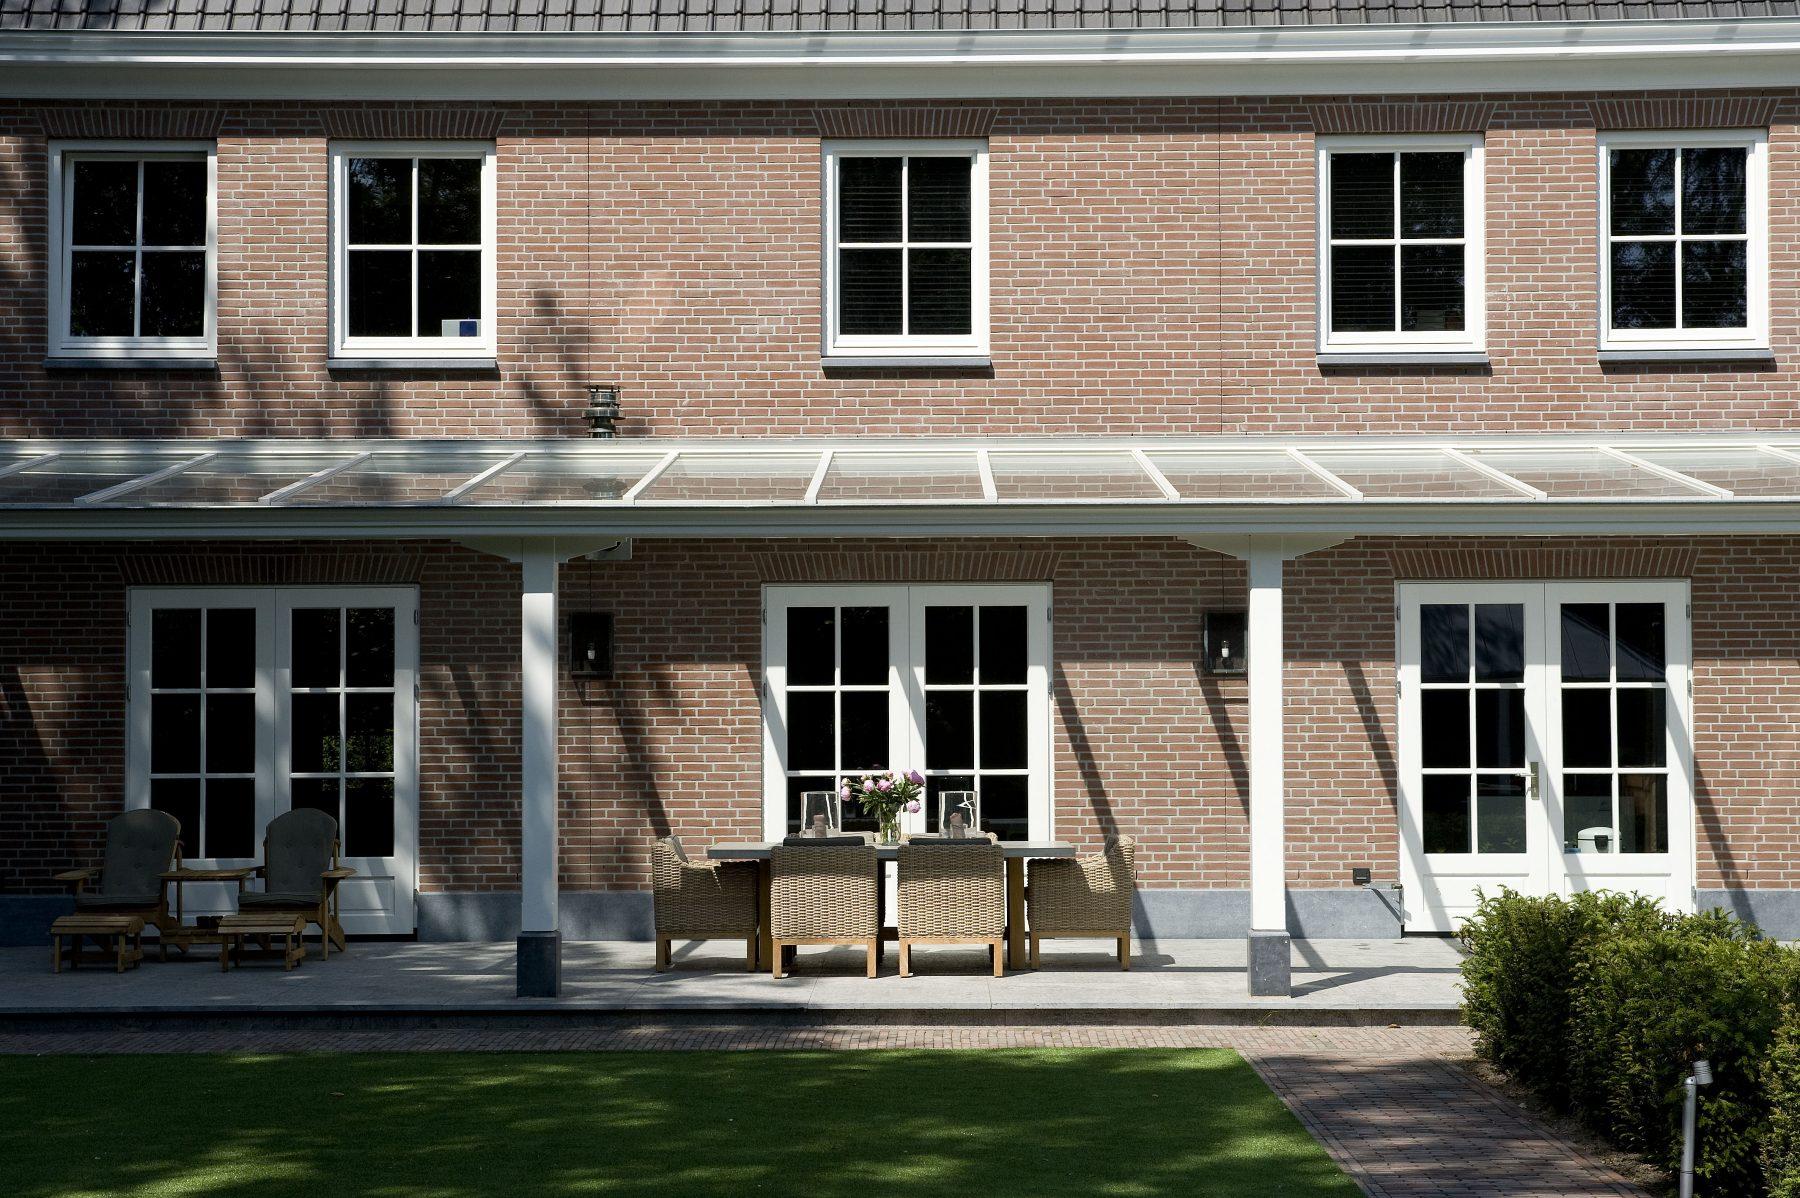 Breda 21-05-201 Project Advocaatdreef, tbv Excellent. Foto Rapha'l Drent, Tiel.